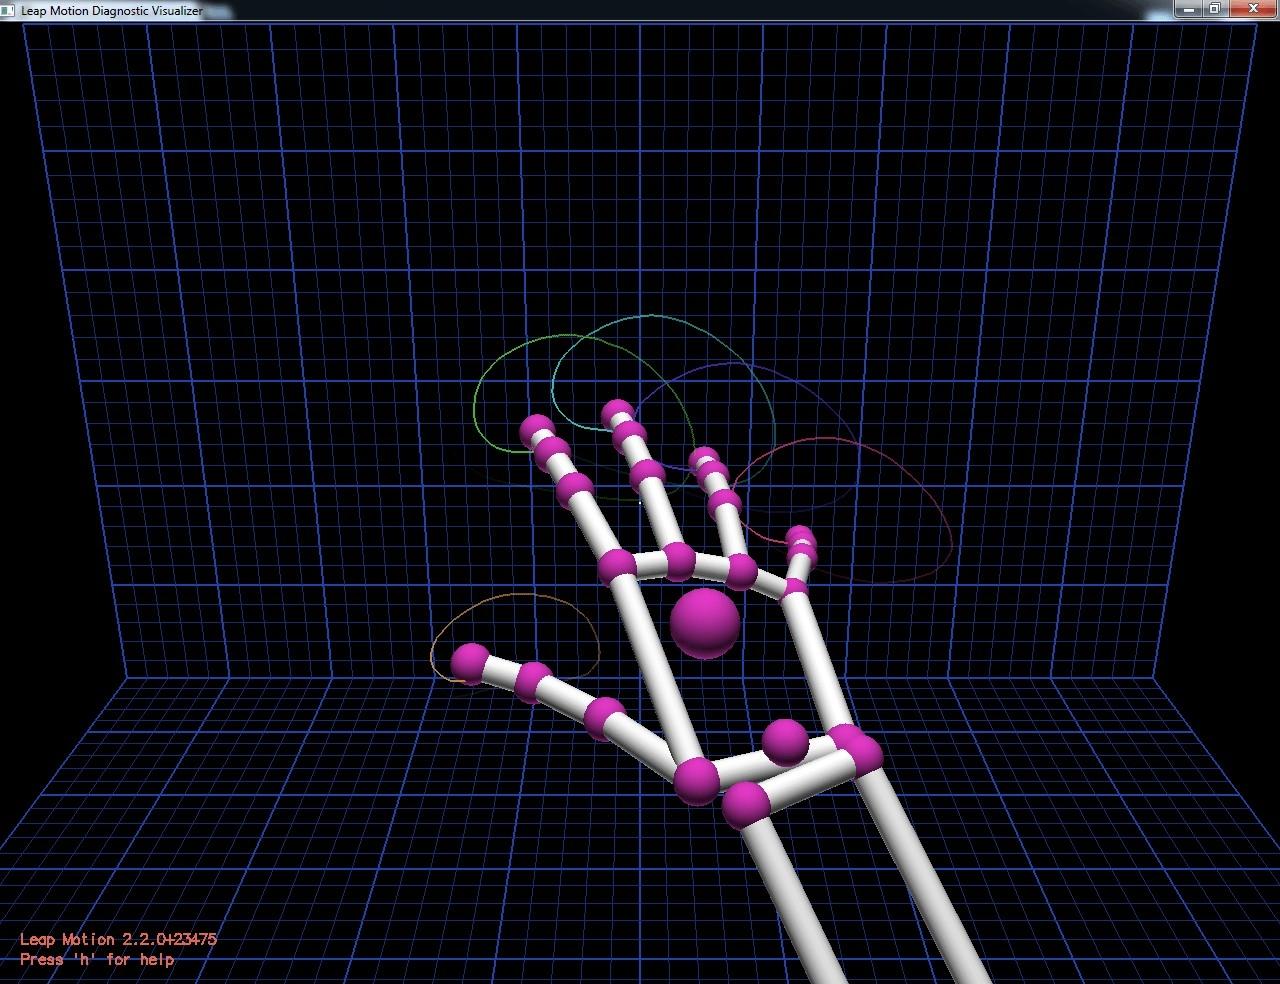 Новая статья: Обзор контроллера Leap Motion: пассы руками- Новости ИТ - Сервис